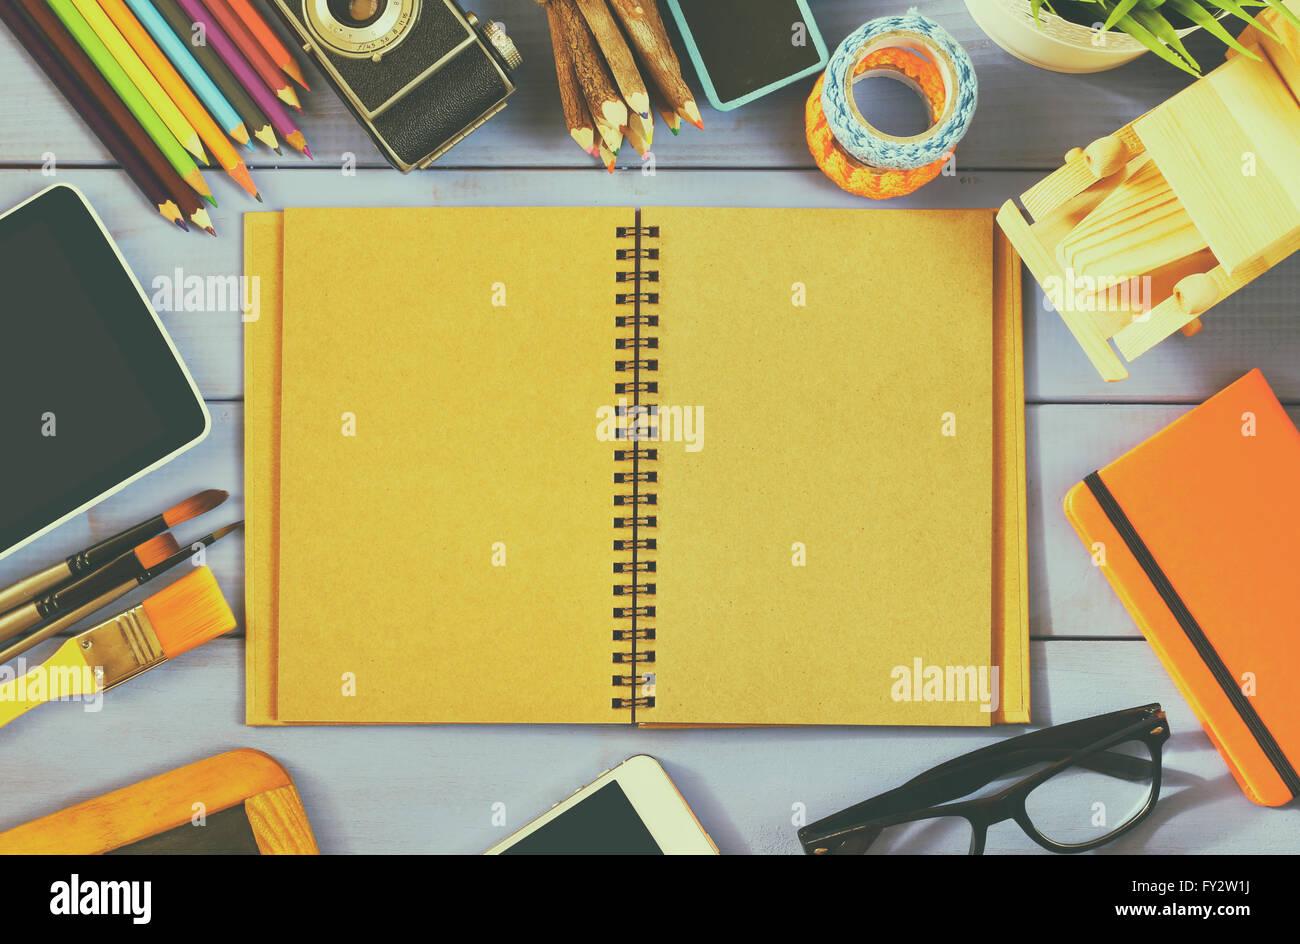 Haut Voir photo de l'ordinateur portable blanc, vieux appareil et fournitures scolaires sur table en bois vintage Photo Stock